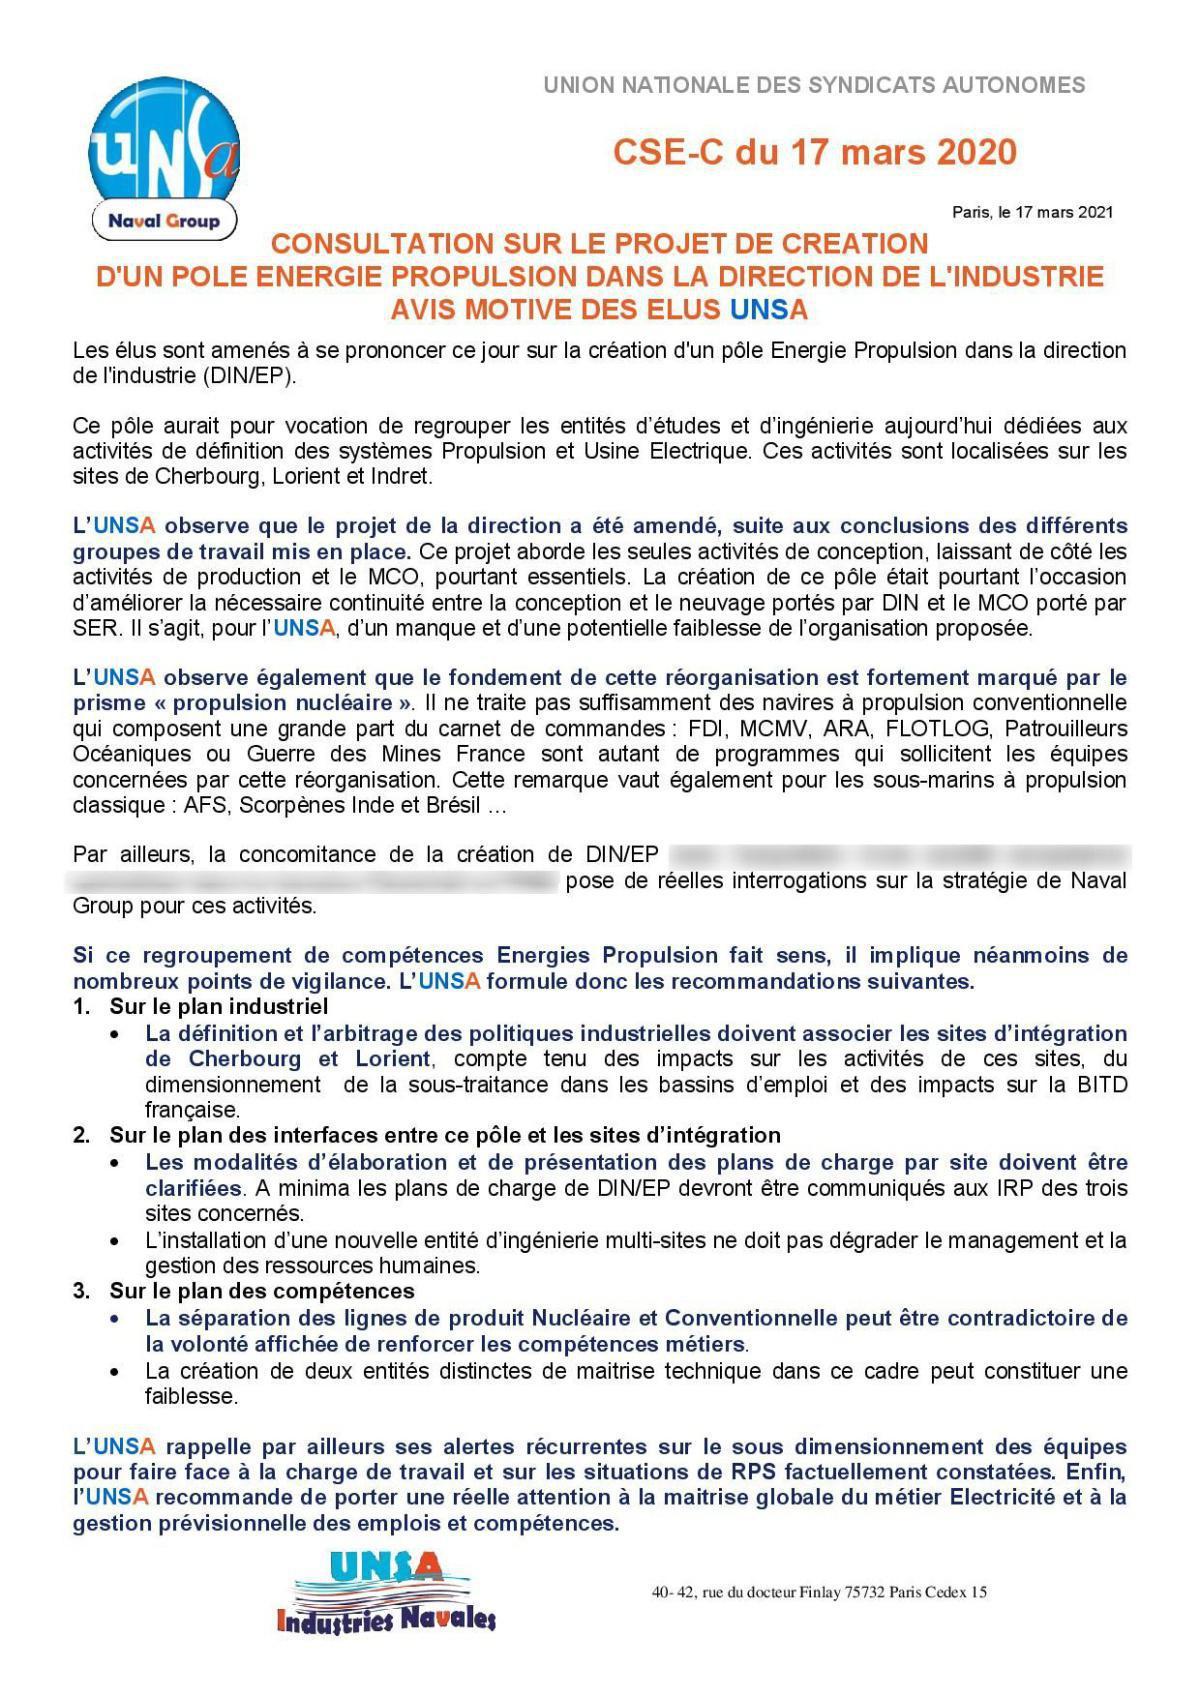 Réunion du 17 mars 2021 - Avis motivé des élus